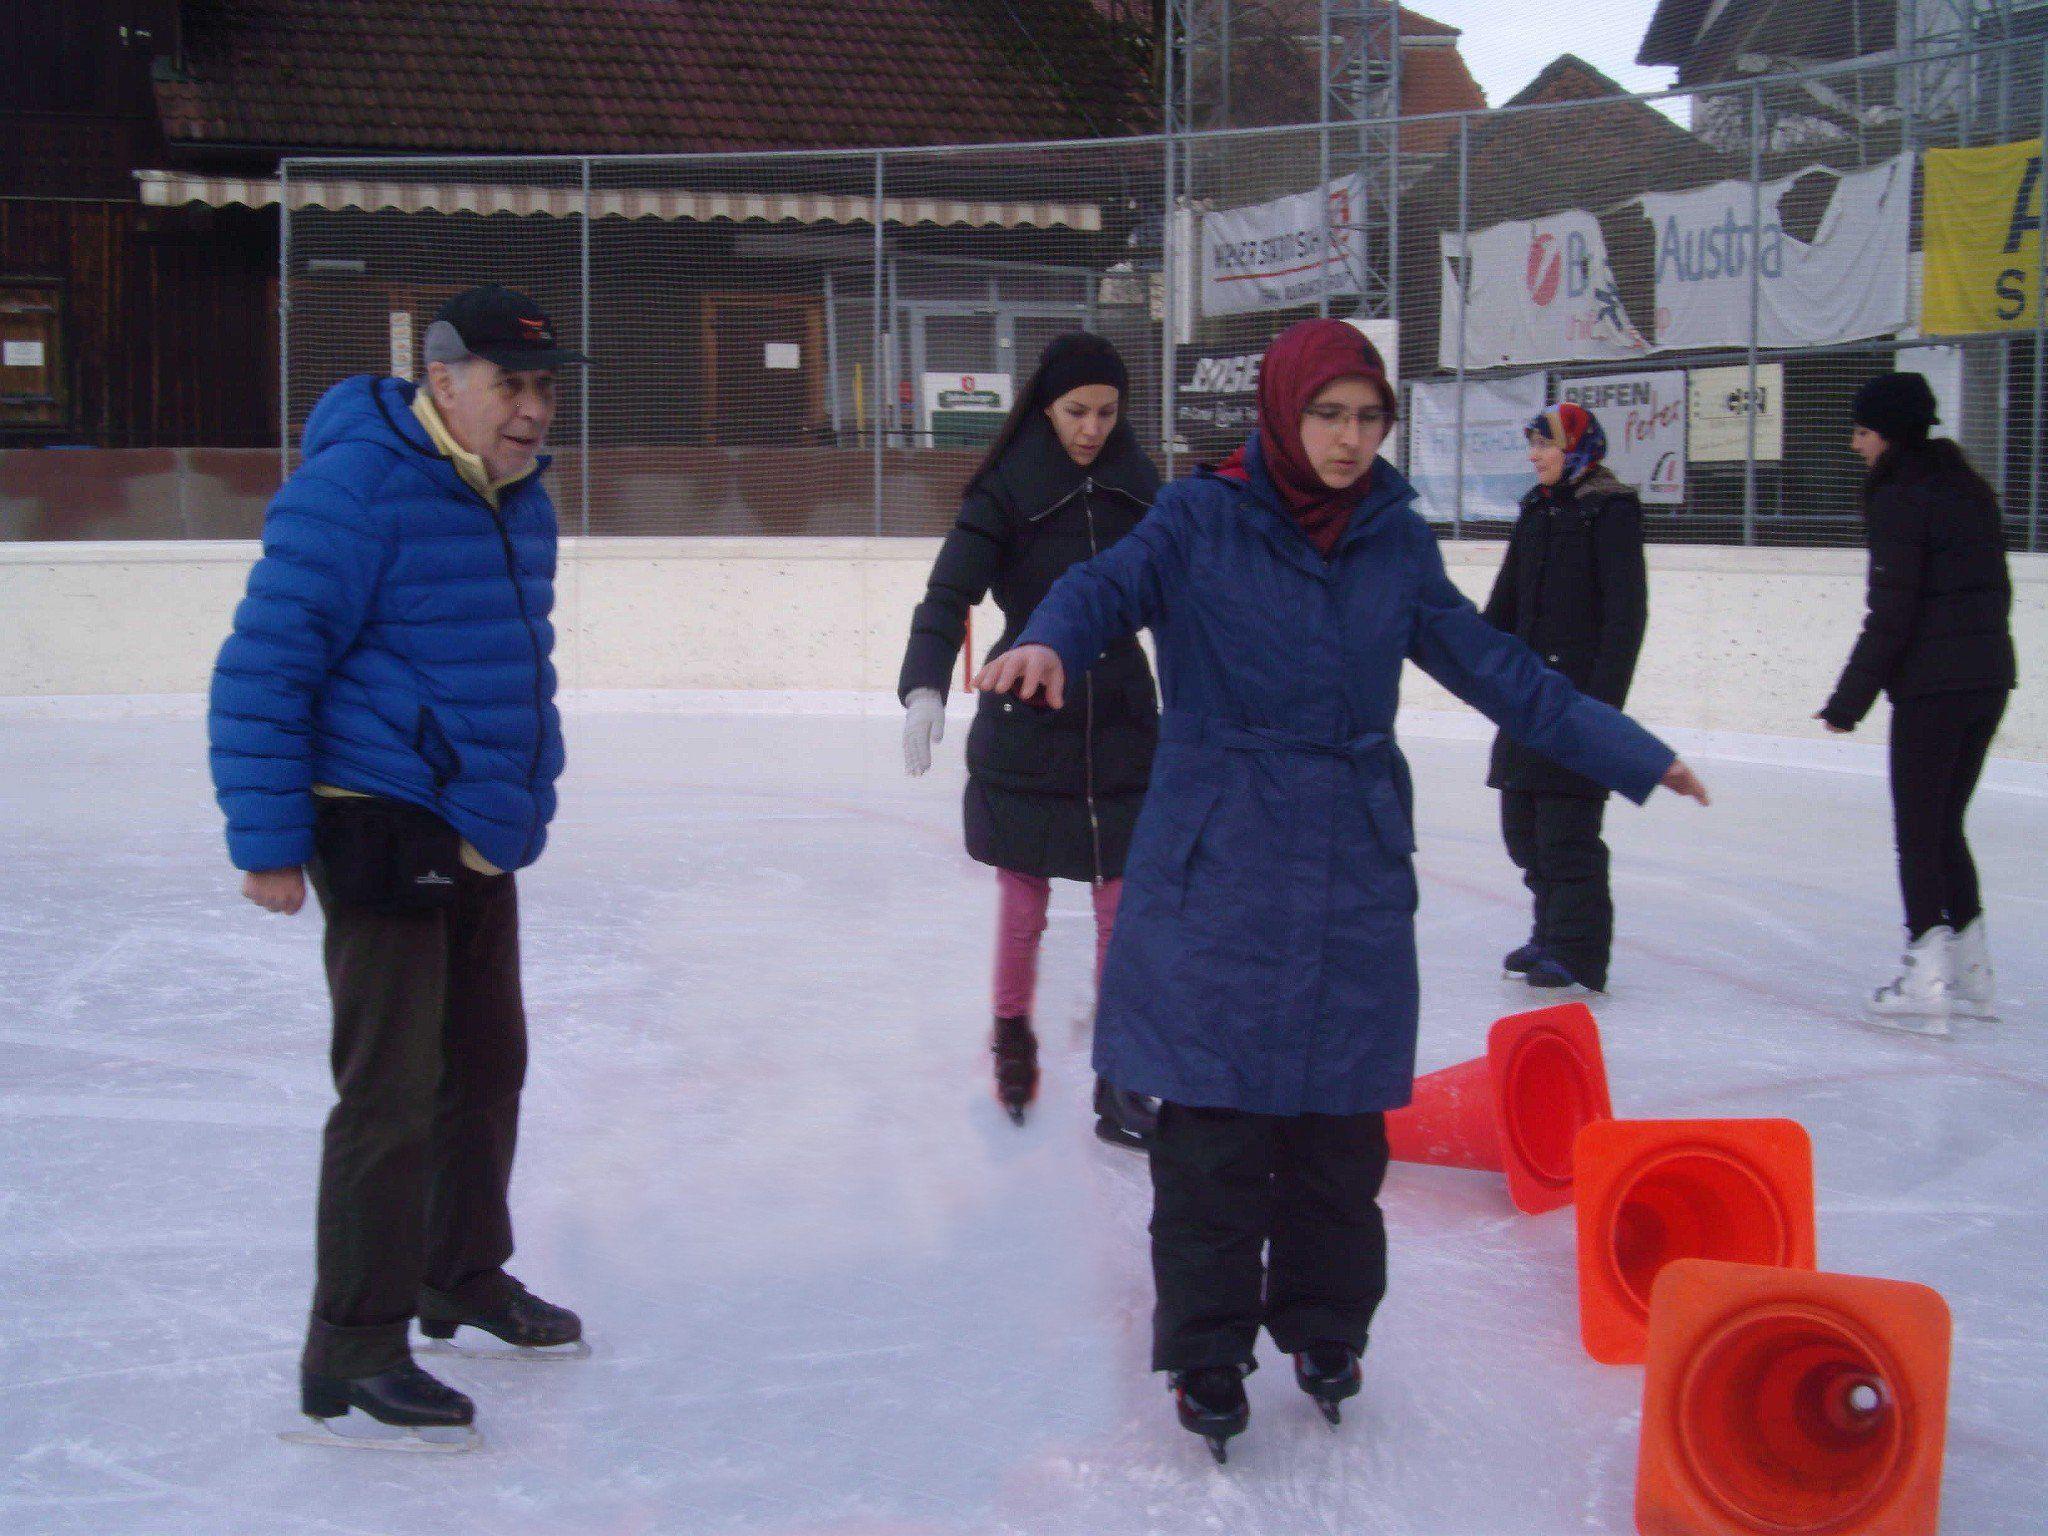 Trainer Radu Ionian zeigte den Migrant/-innen wichtige Grundlagen des Eislaufens